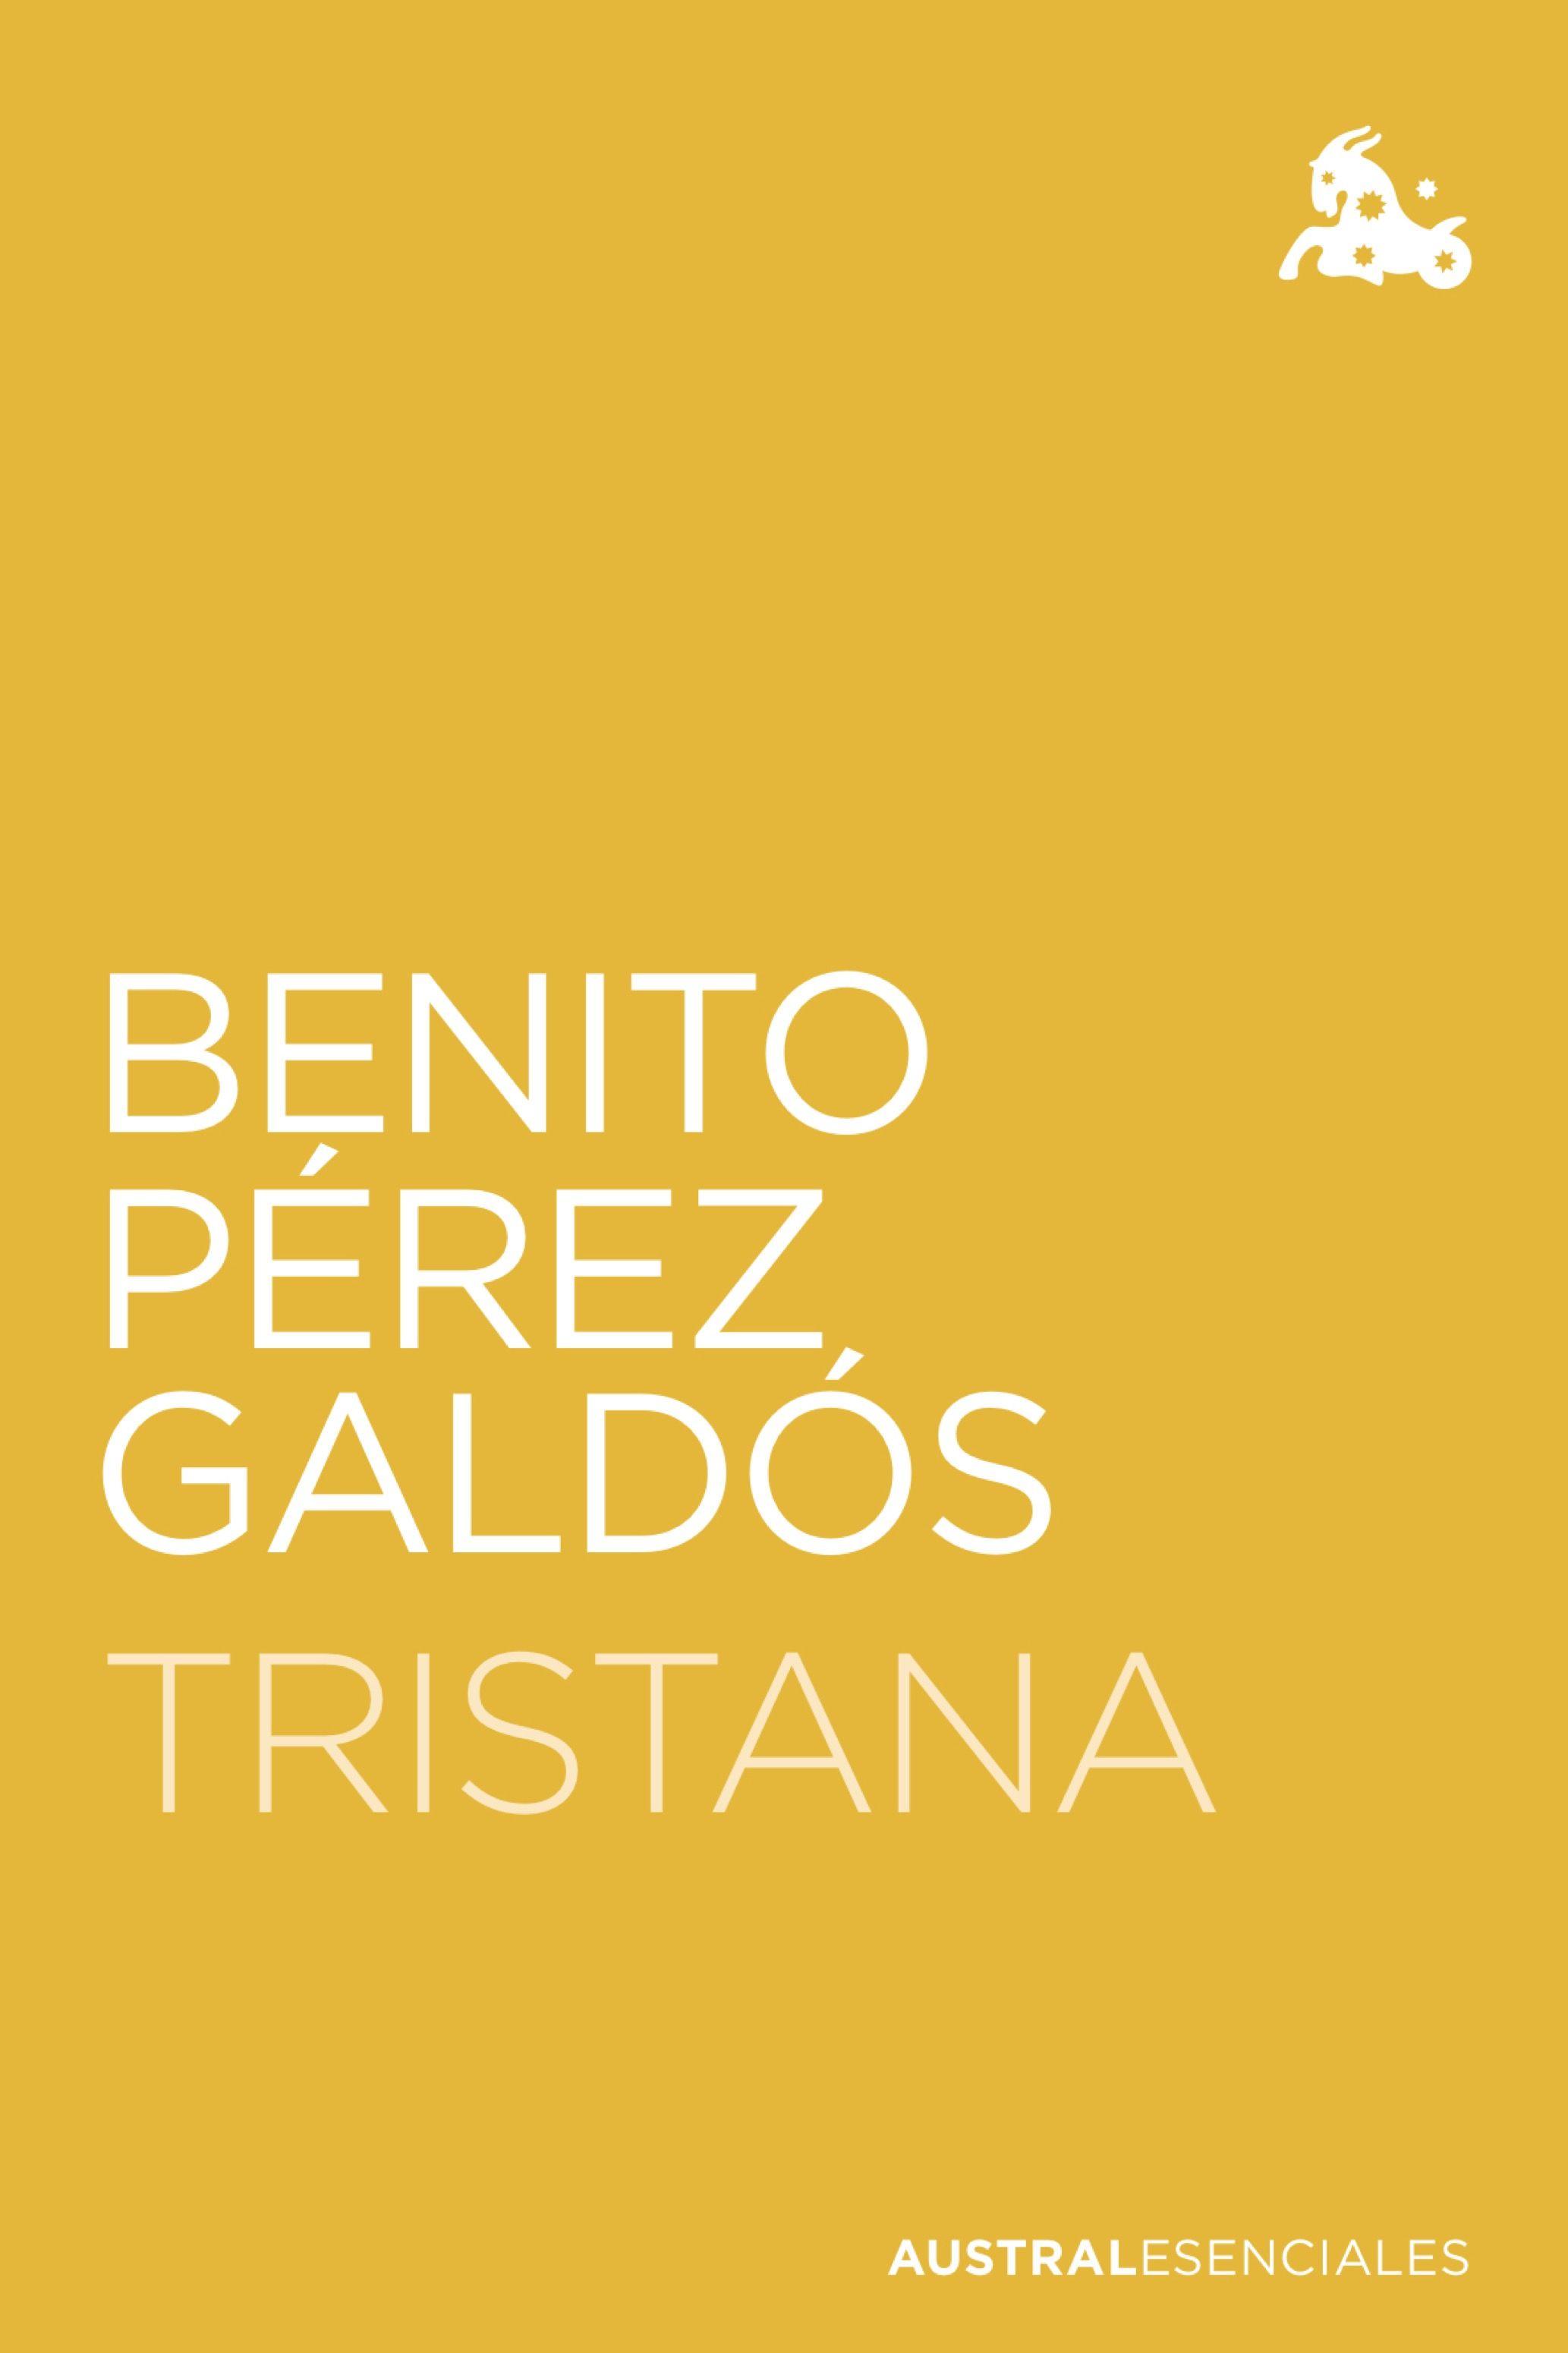 Tristana, de Benito Pérez Galdós en la colección Austral Esenciales